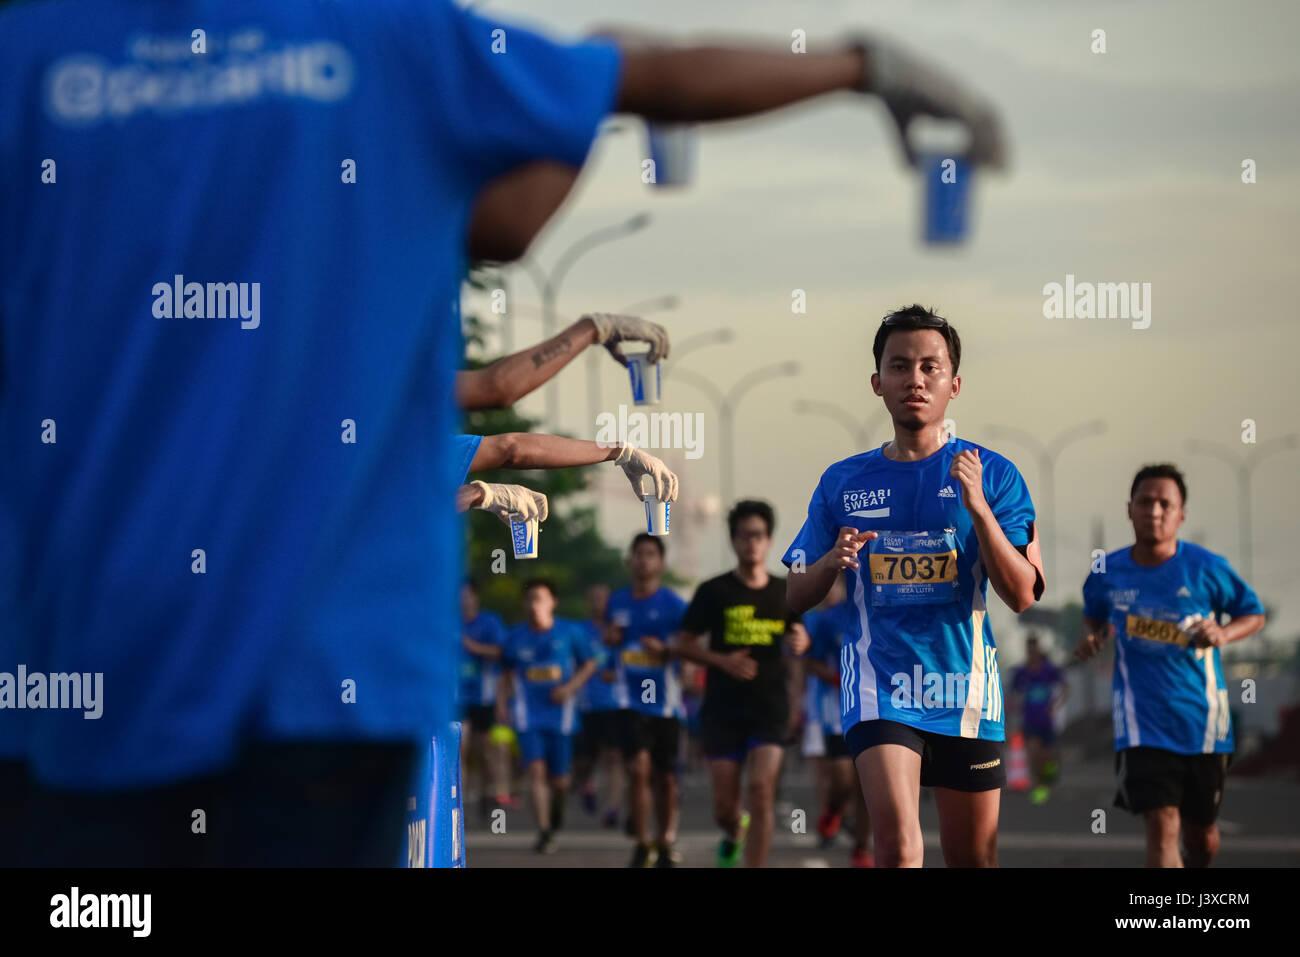 Los corredores pase una estación de abastecimiento de agua durante el 2015 Pocari ejecutar en el sur de Tangerang, Imagen De Stock